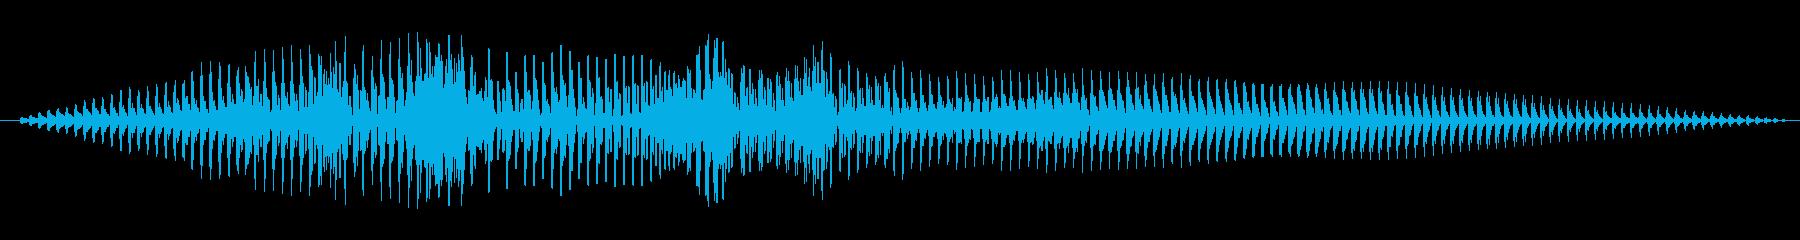 ビッグバズスイープ1の再生済みの波形